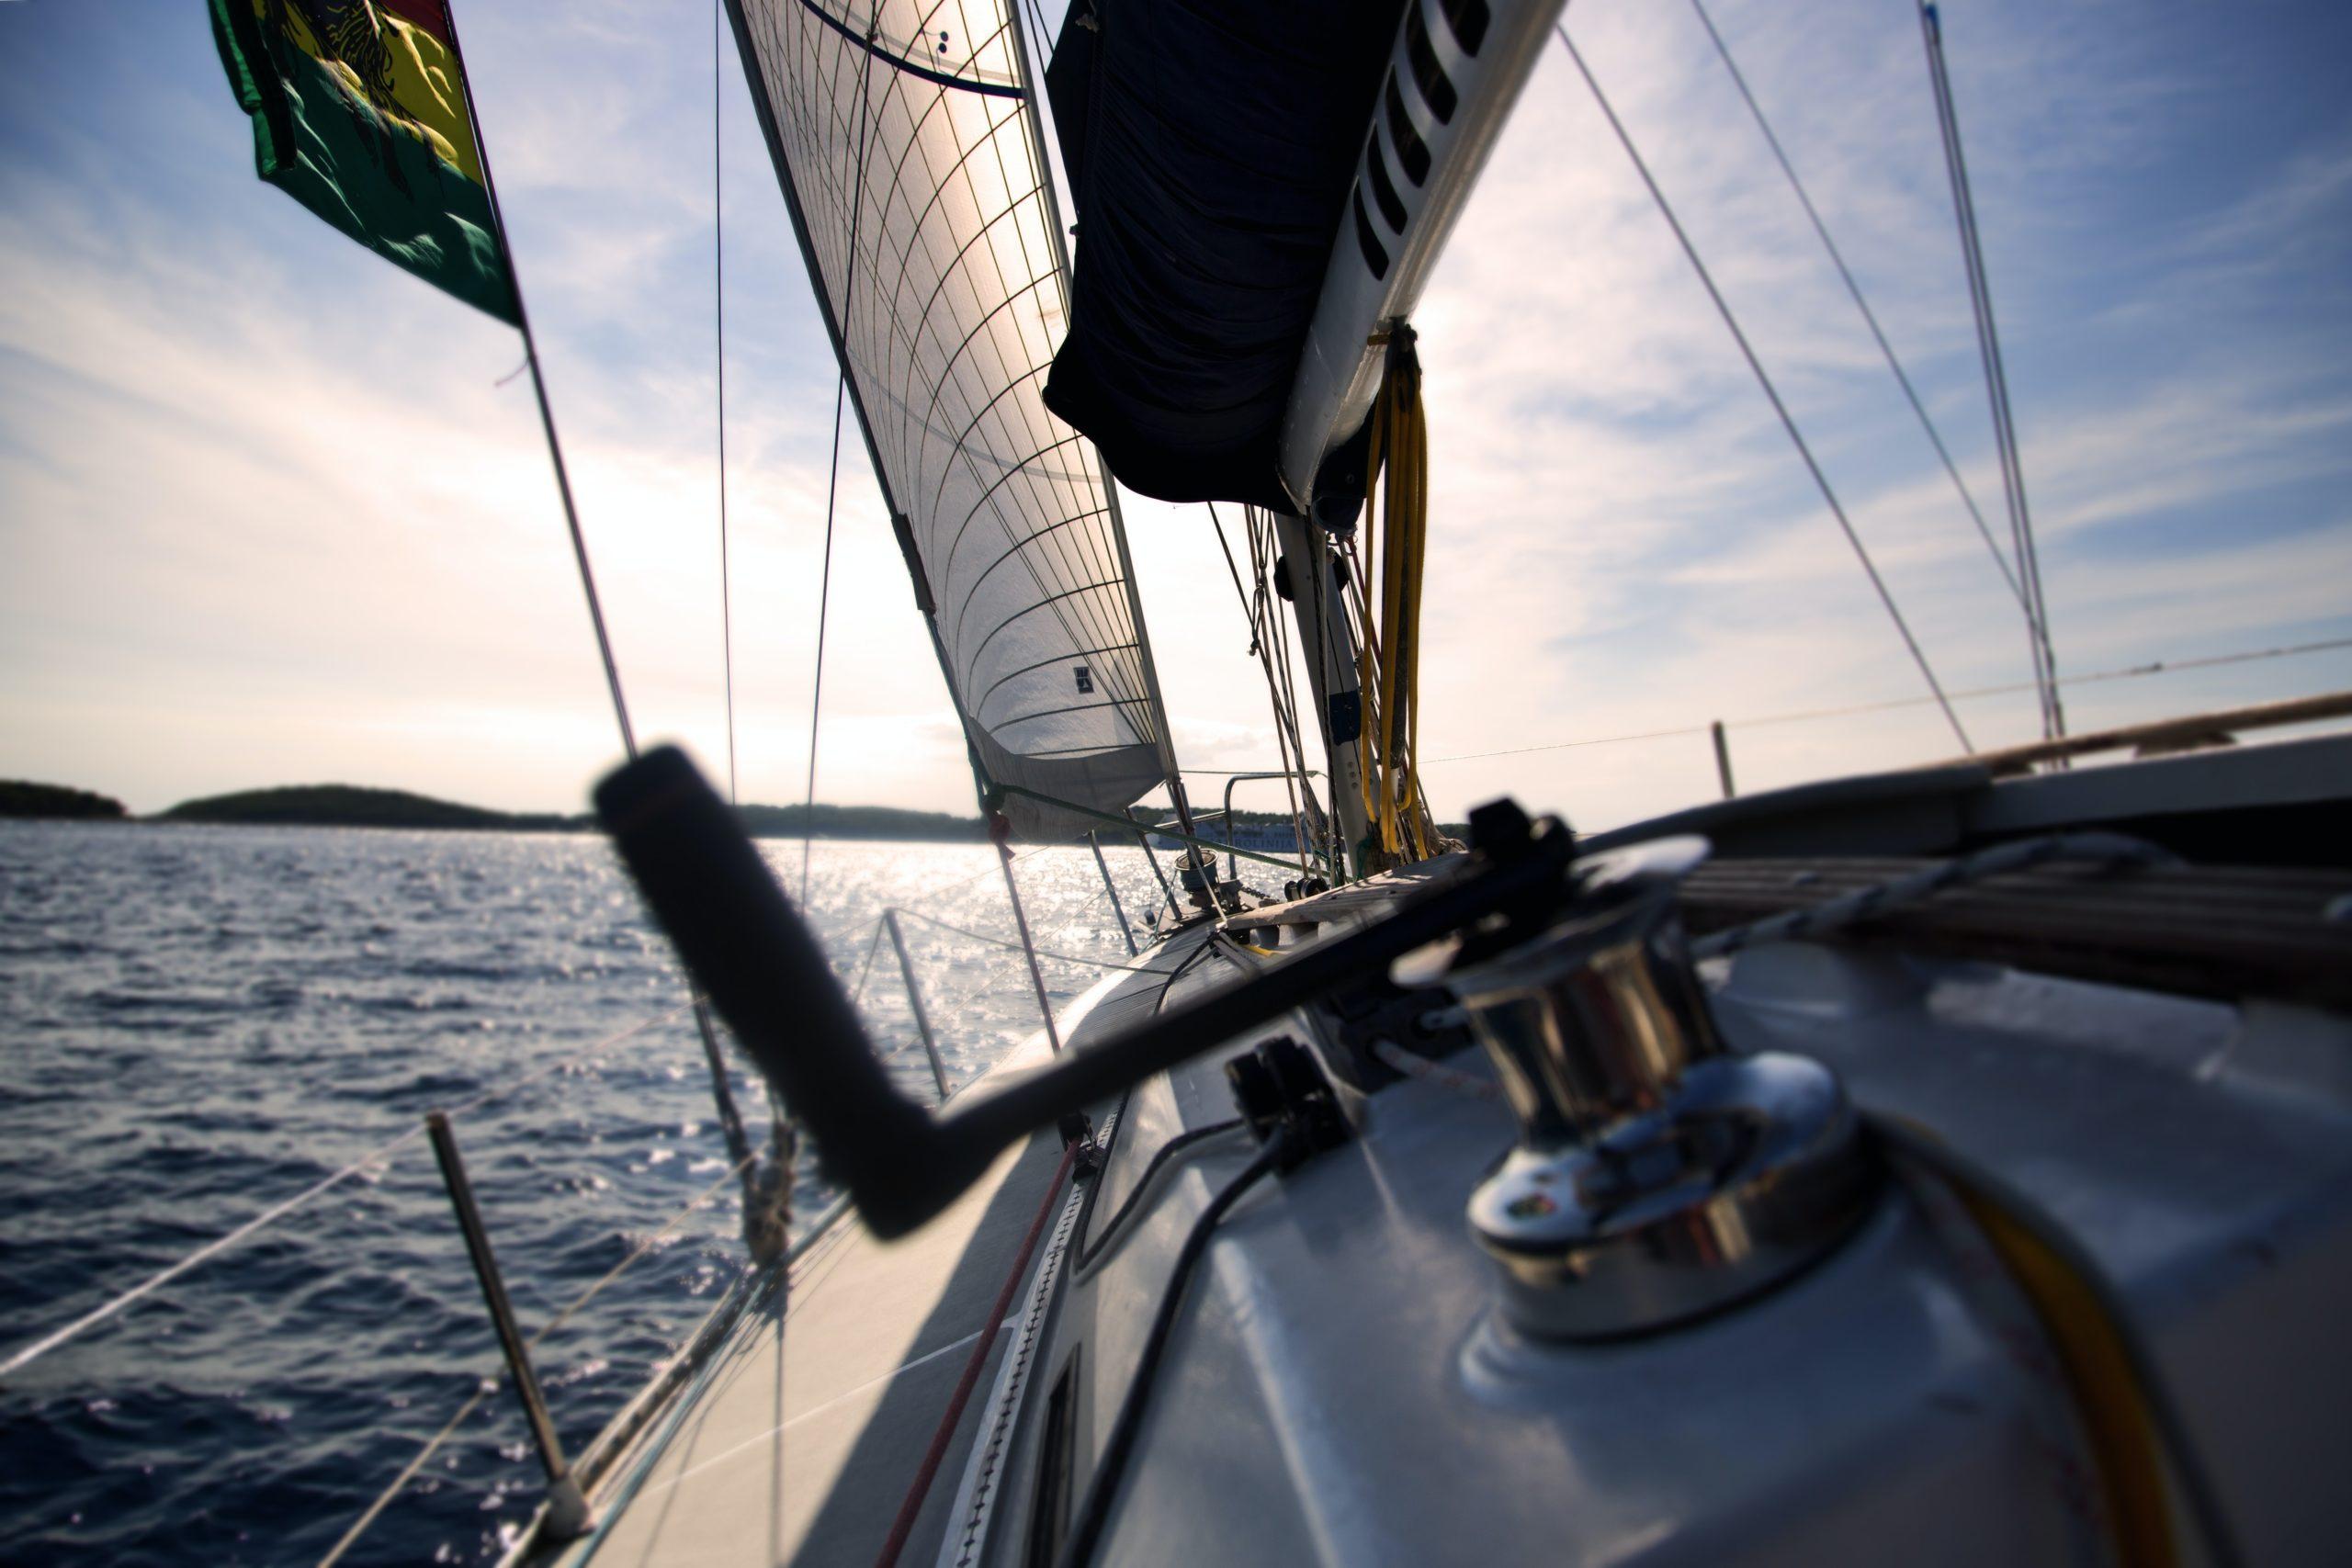 【船舶免許体験談】実技試験を流れを解説します